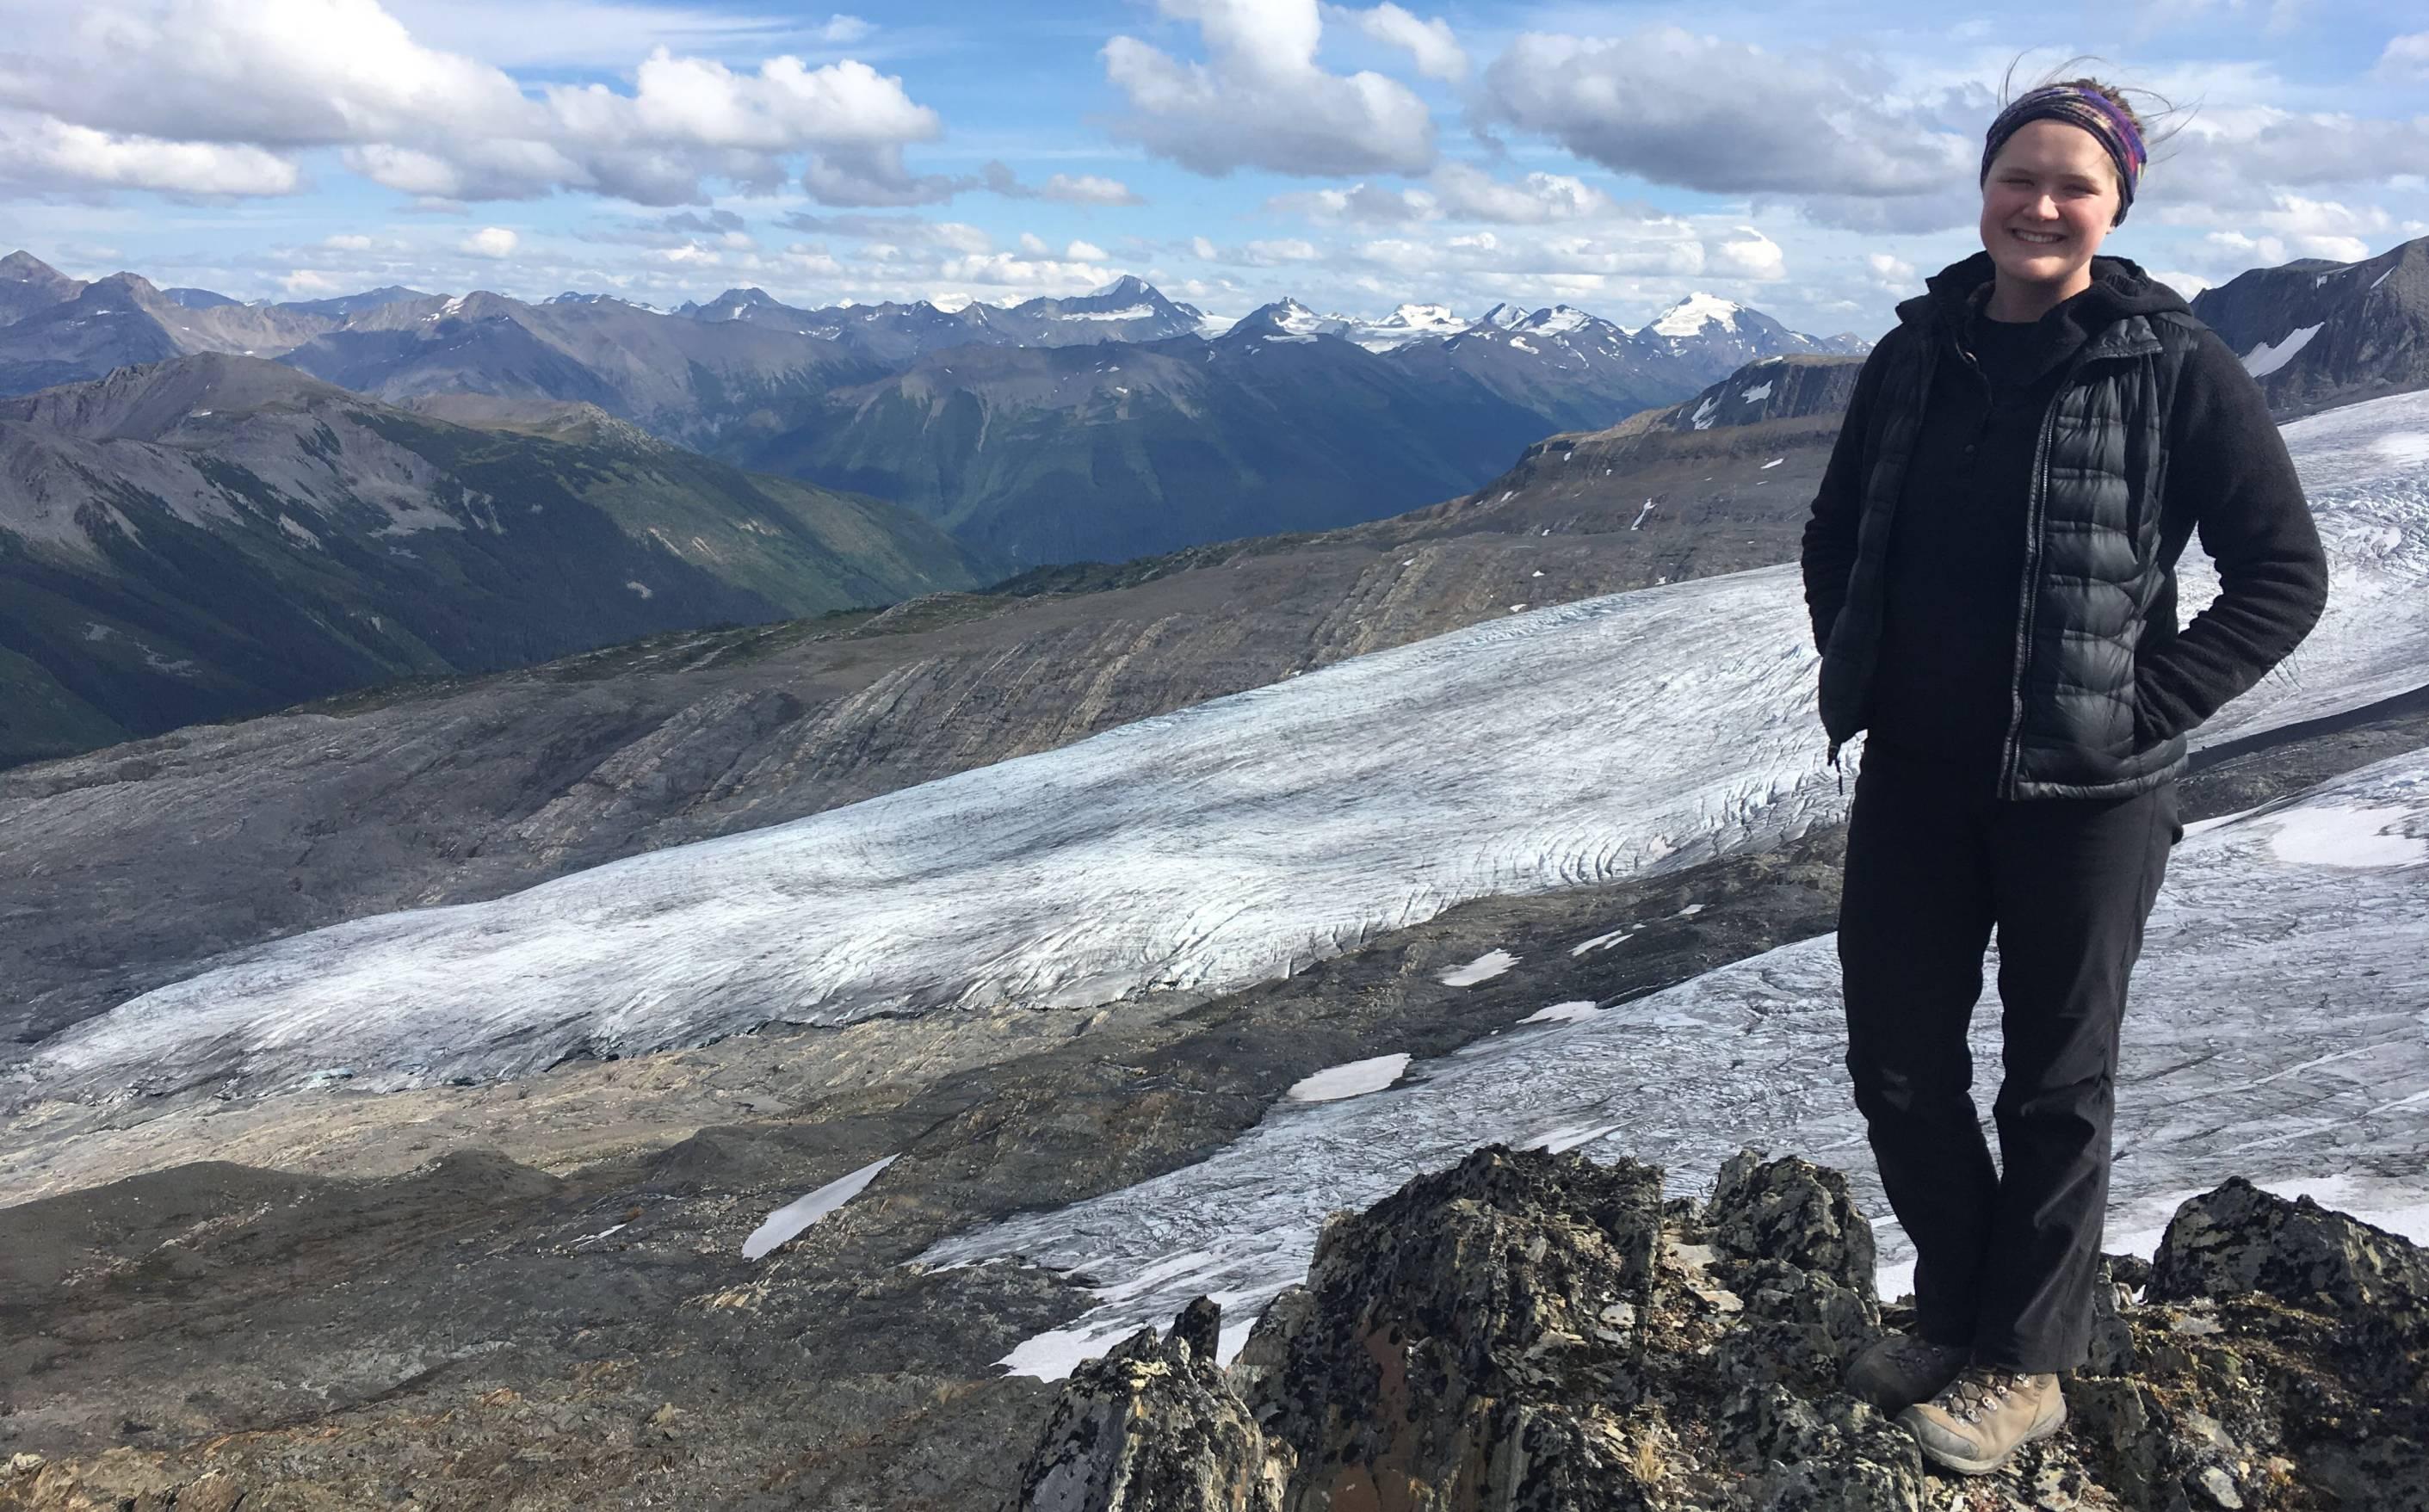 L'étudiante se tient devant les montagnes de neige